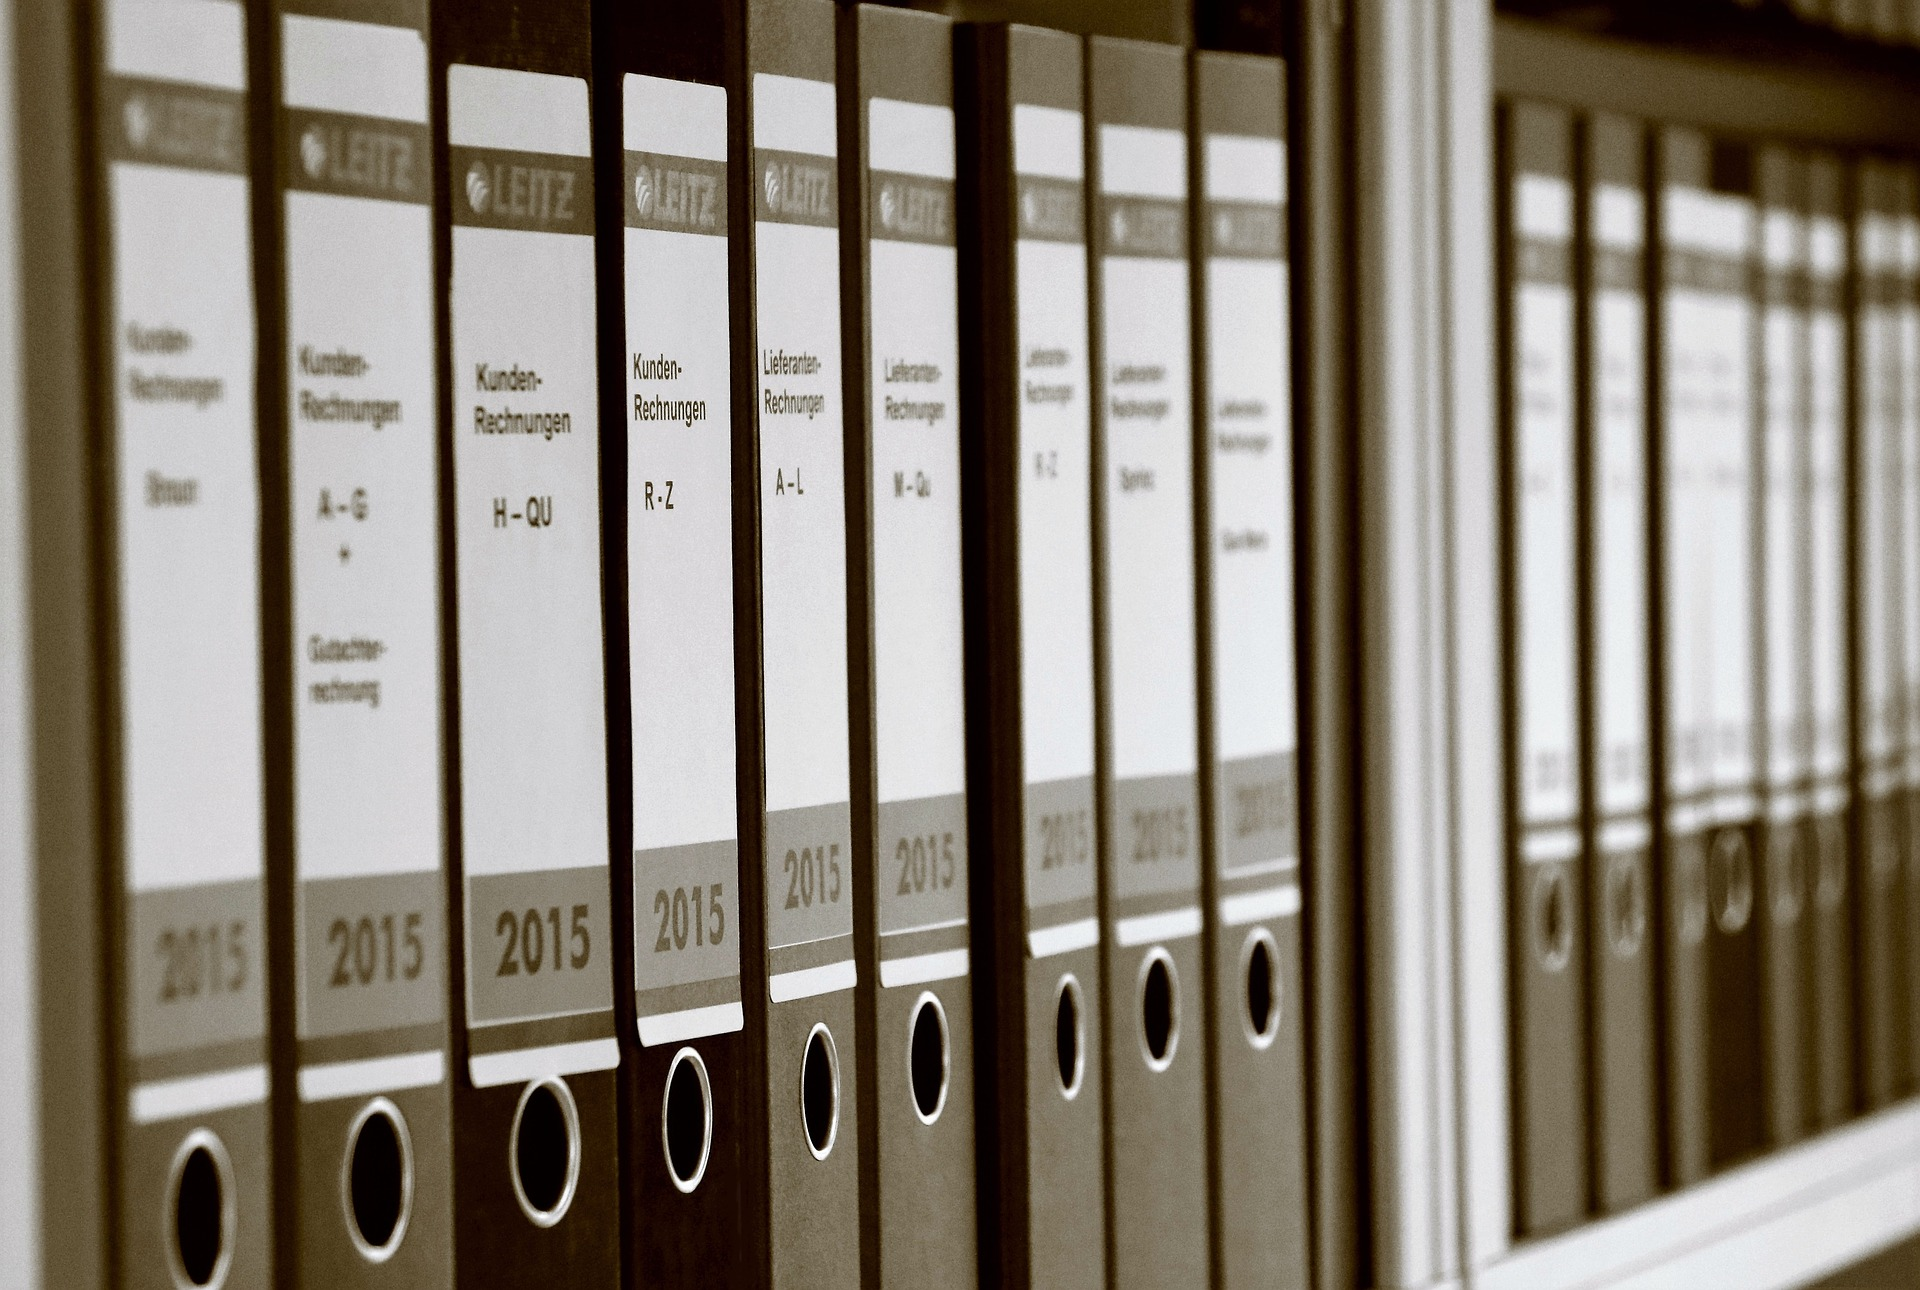 sorgloser Umgang mit Patientendaten führt zu  DSGVO-Strafe